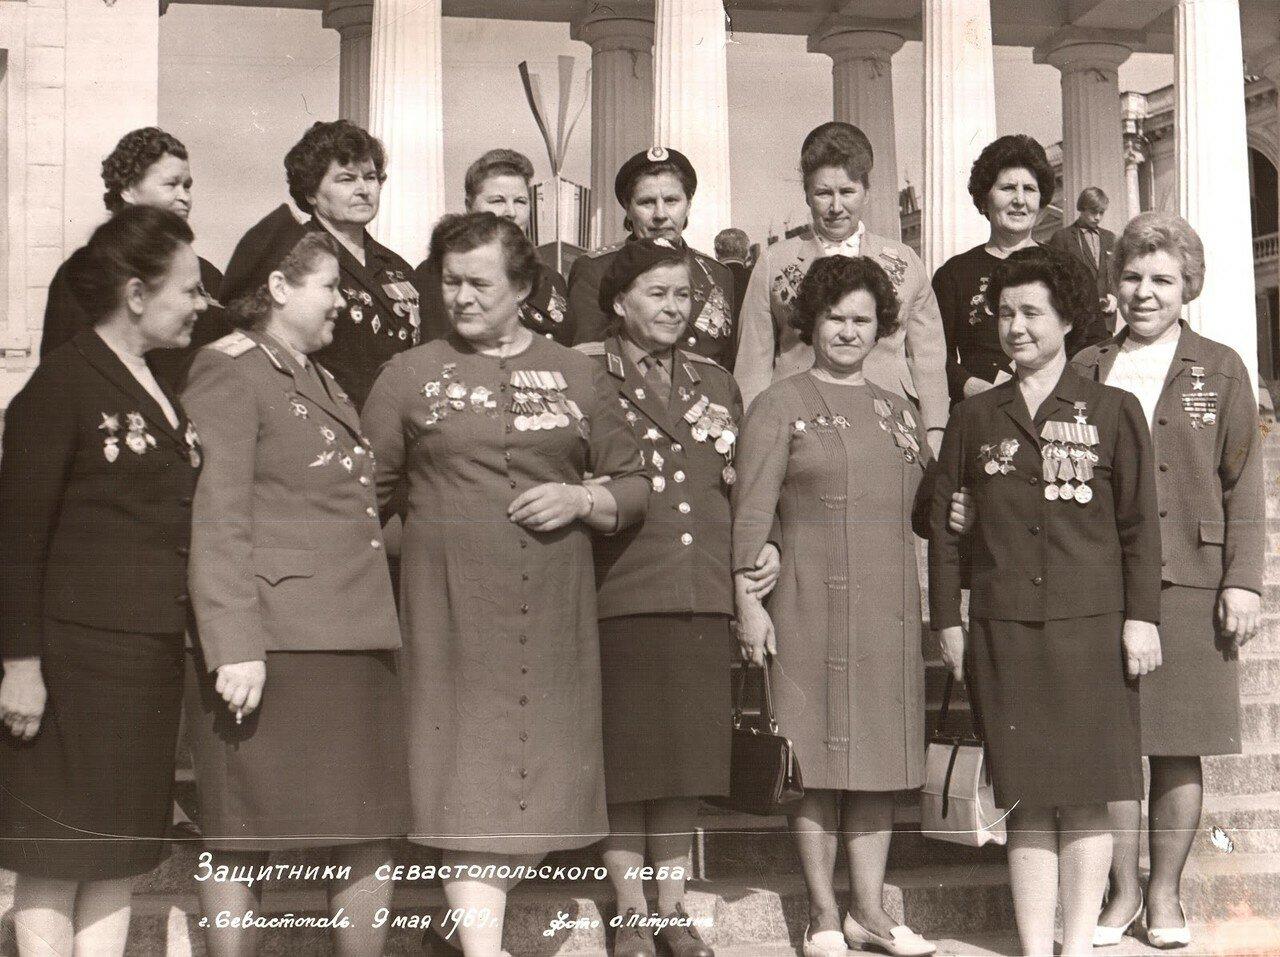 1969. Защитники Севастопольского неба. 9 мая